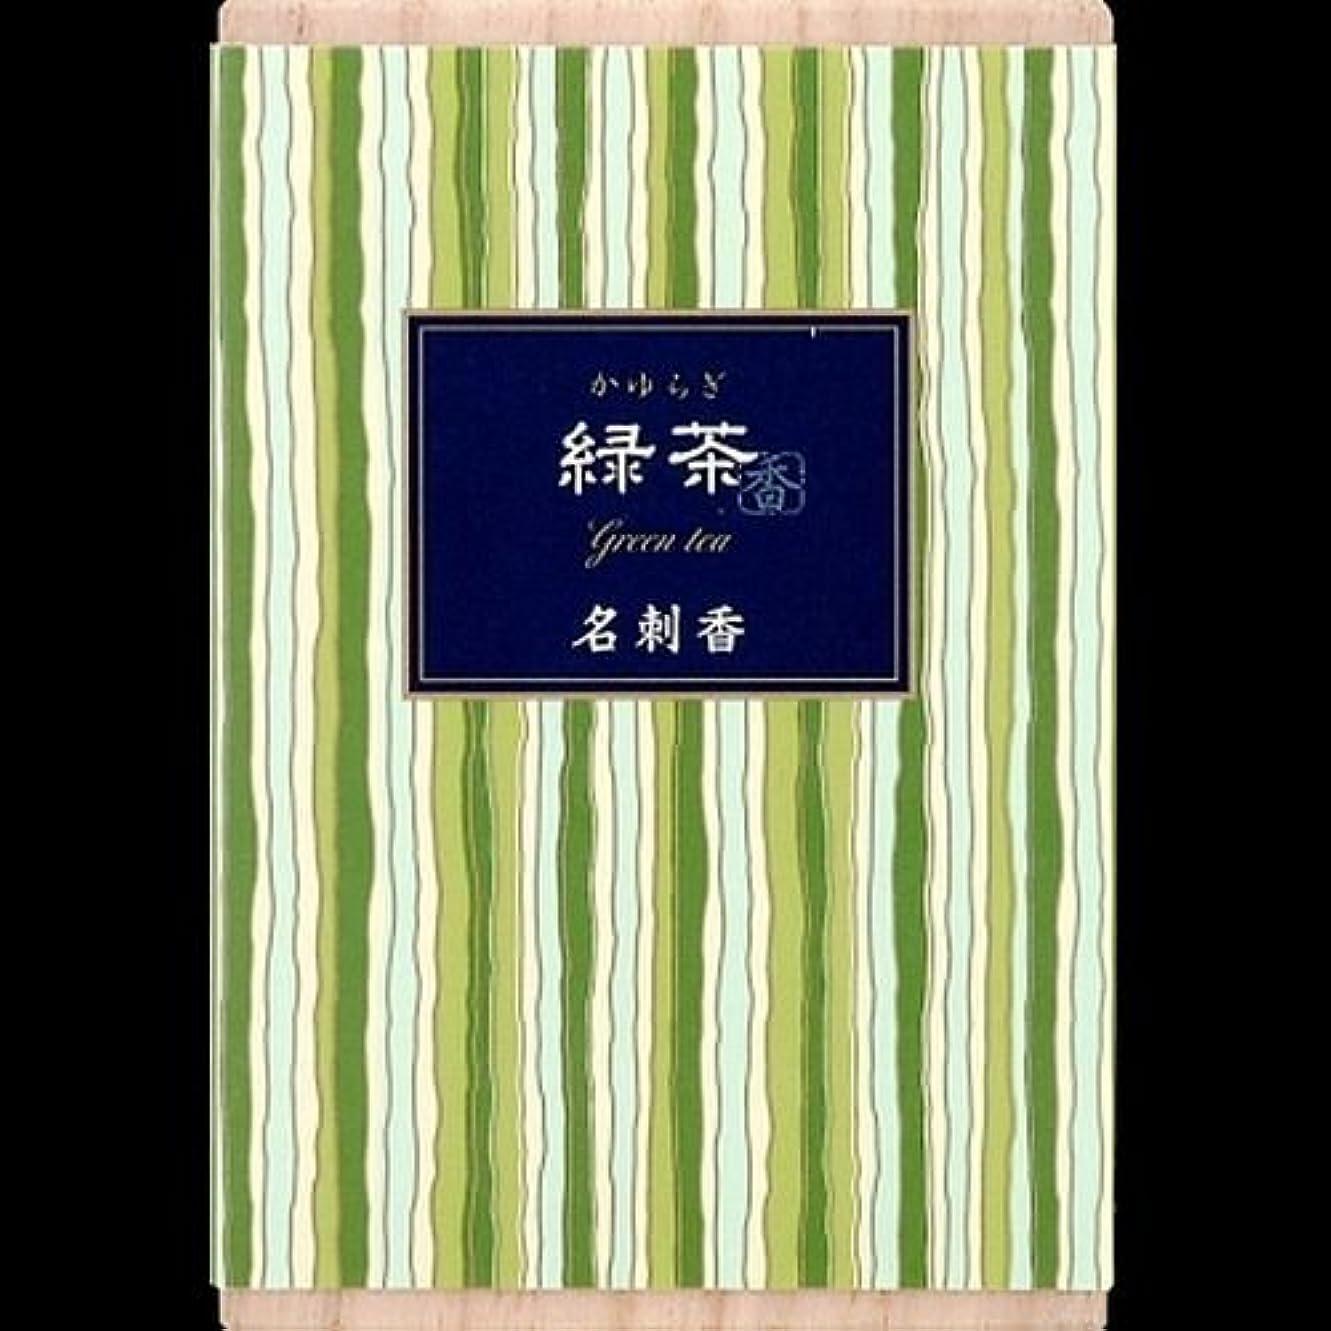 注入する変成器テスピアン【まとめ買い】かゆらぎ 緑茶 名刺香 桐箱 6入 ×2セット